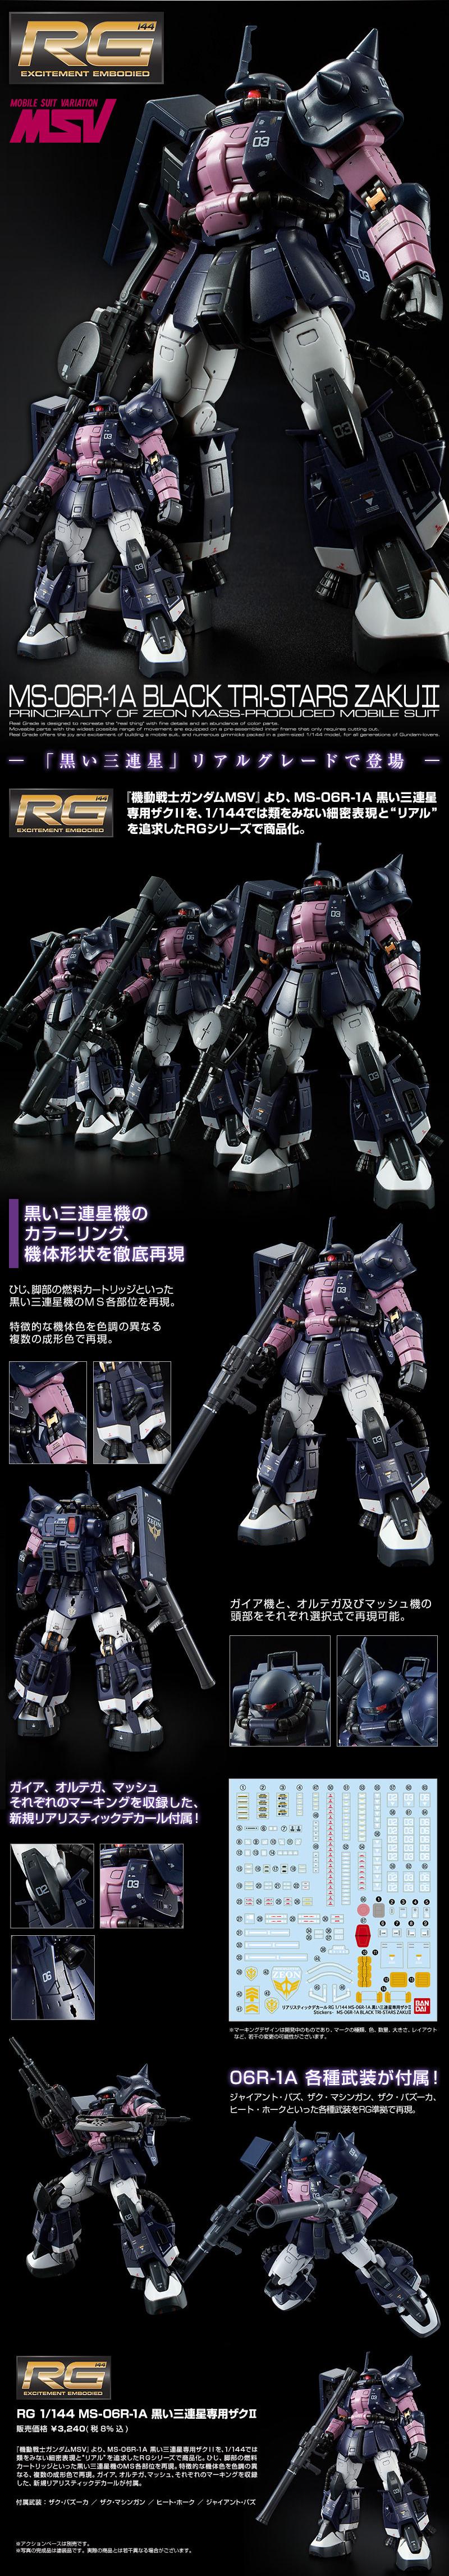 RG 1/144 MS-06R-1A 黒い三連星専用ザクII [Black Tri-Stars zaku II] 公式商品説明(画像)